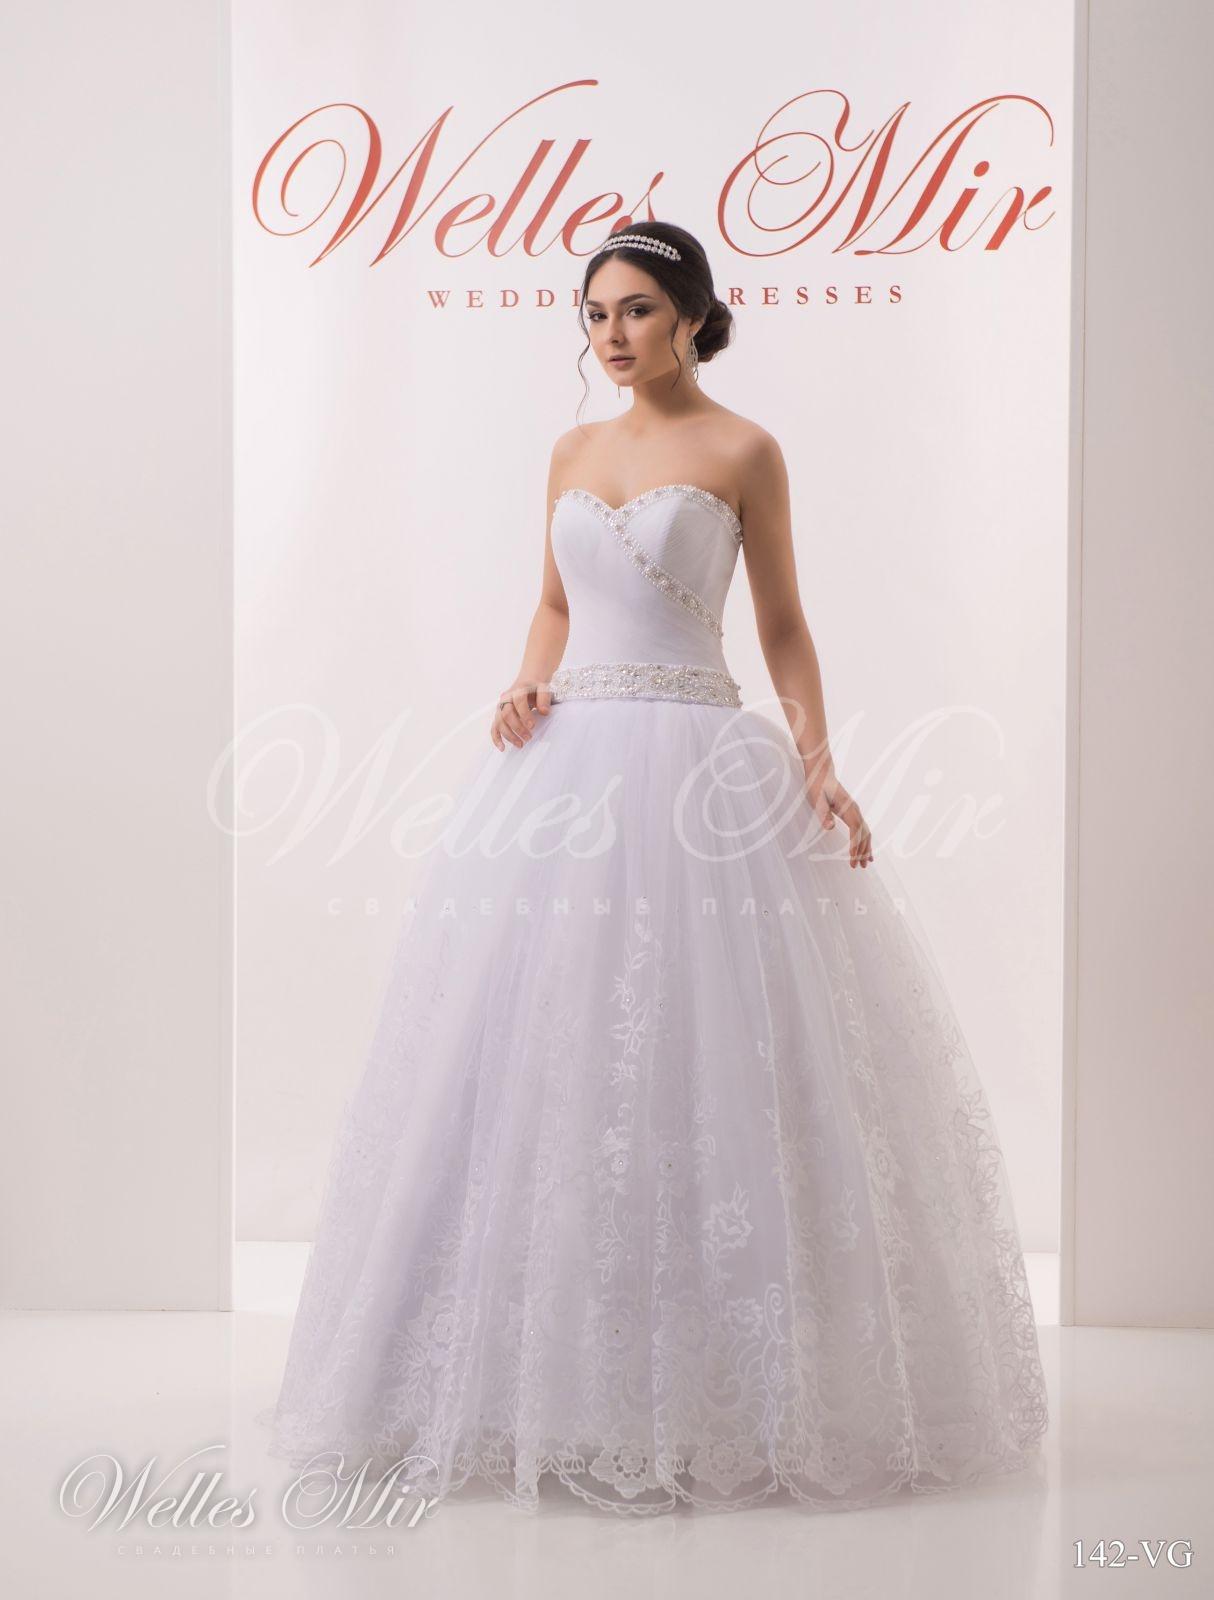 Свадебные платья Soft collection - 142-VG